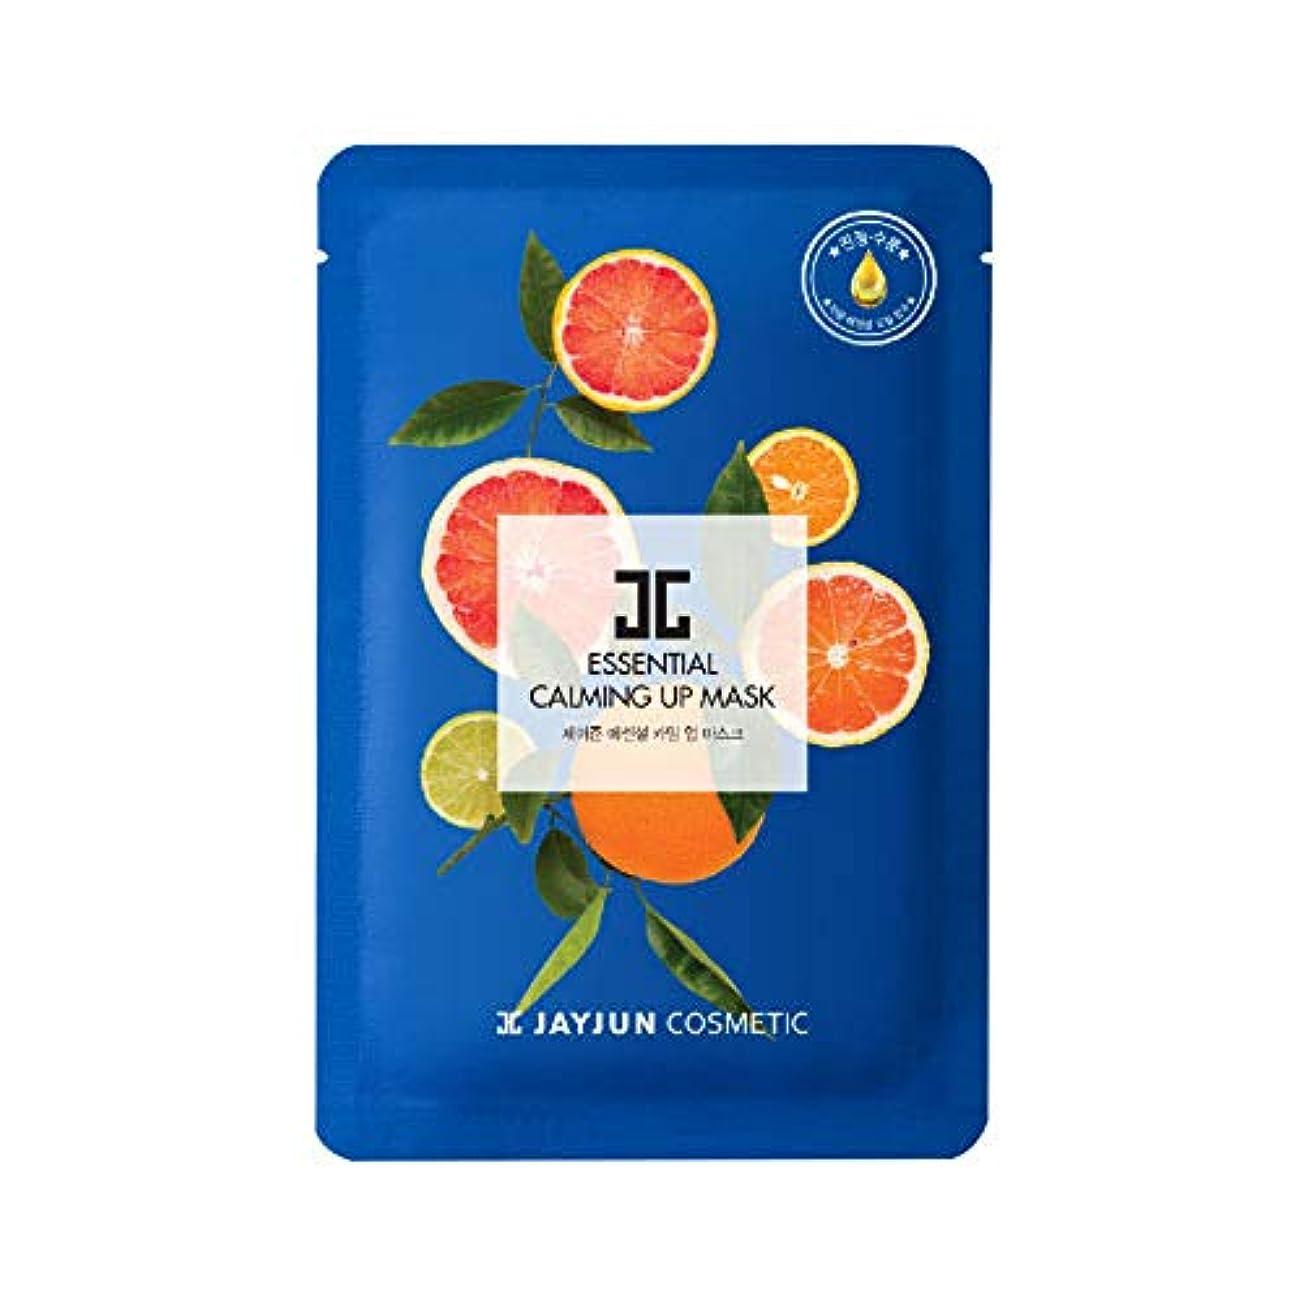 貯水池倫理的ビデオJayjun(ジェイジュン) エッセンシャル カーミングアップマスクシート10枚セット